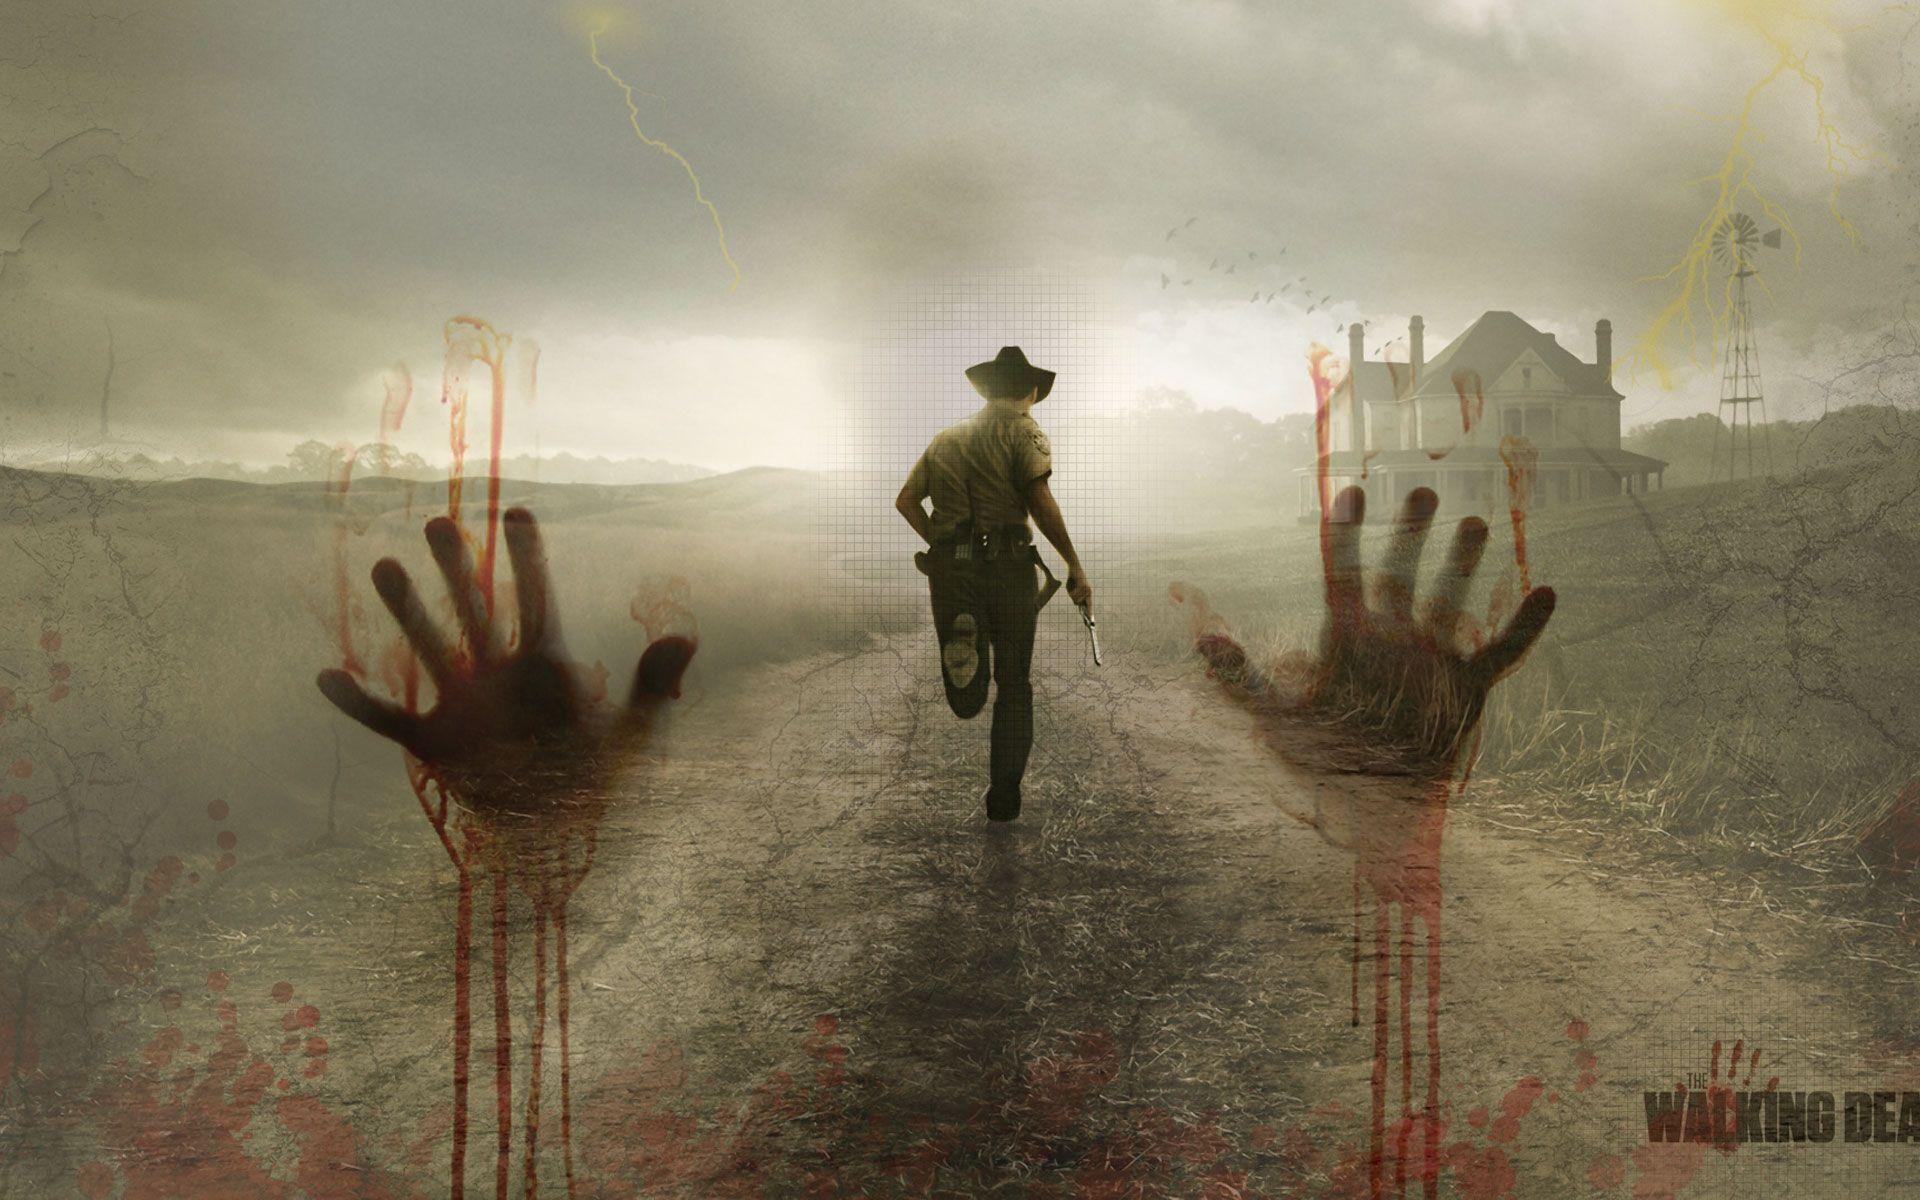 Walking Dead Wallpaper Buscar Con Google Walking Dead